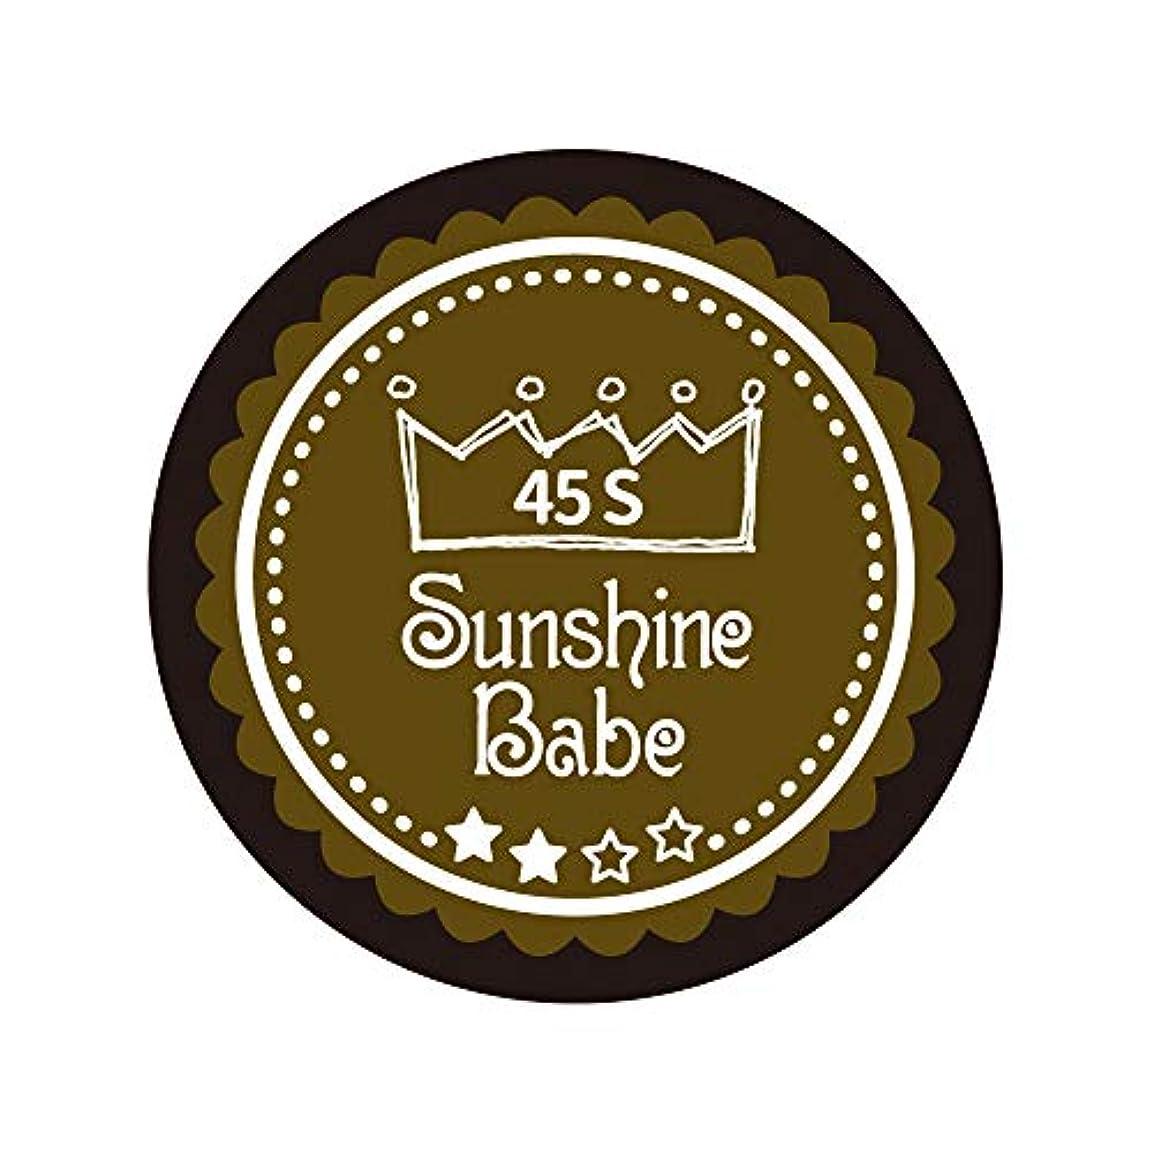 ドアミラー留まる時刻表Sunshine Babe カラージェル 45S マティーニオリーブ 4g UV/LED対応